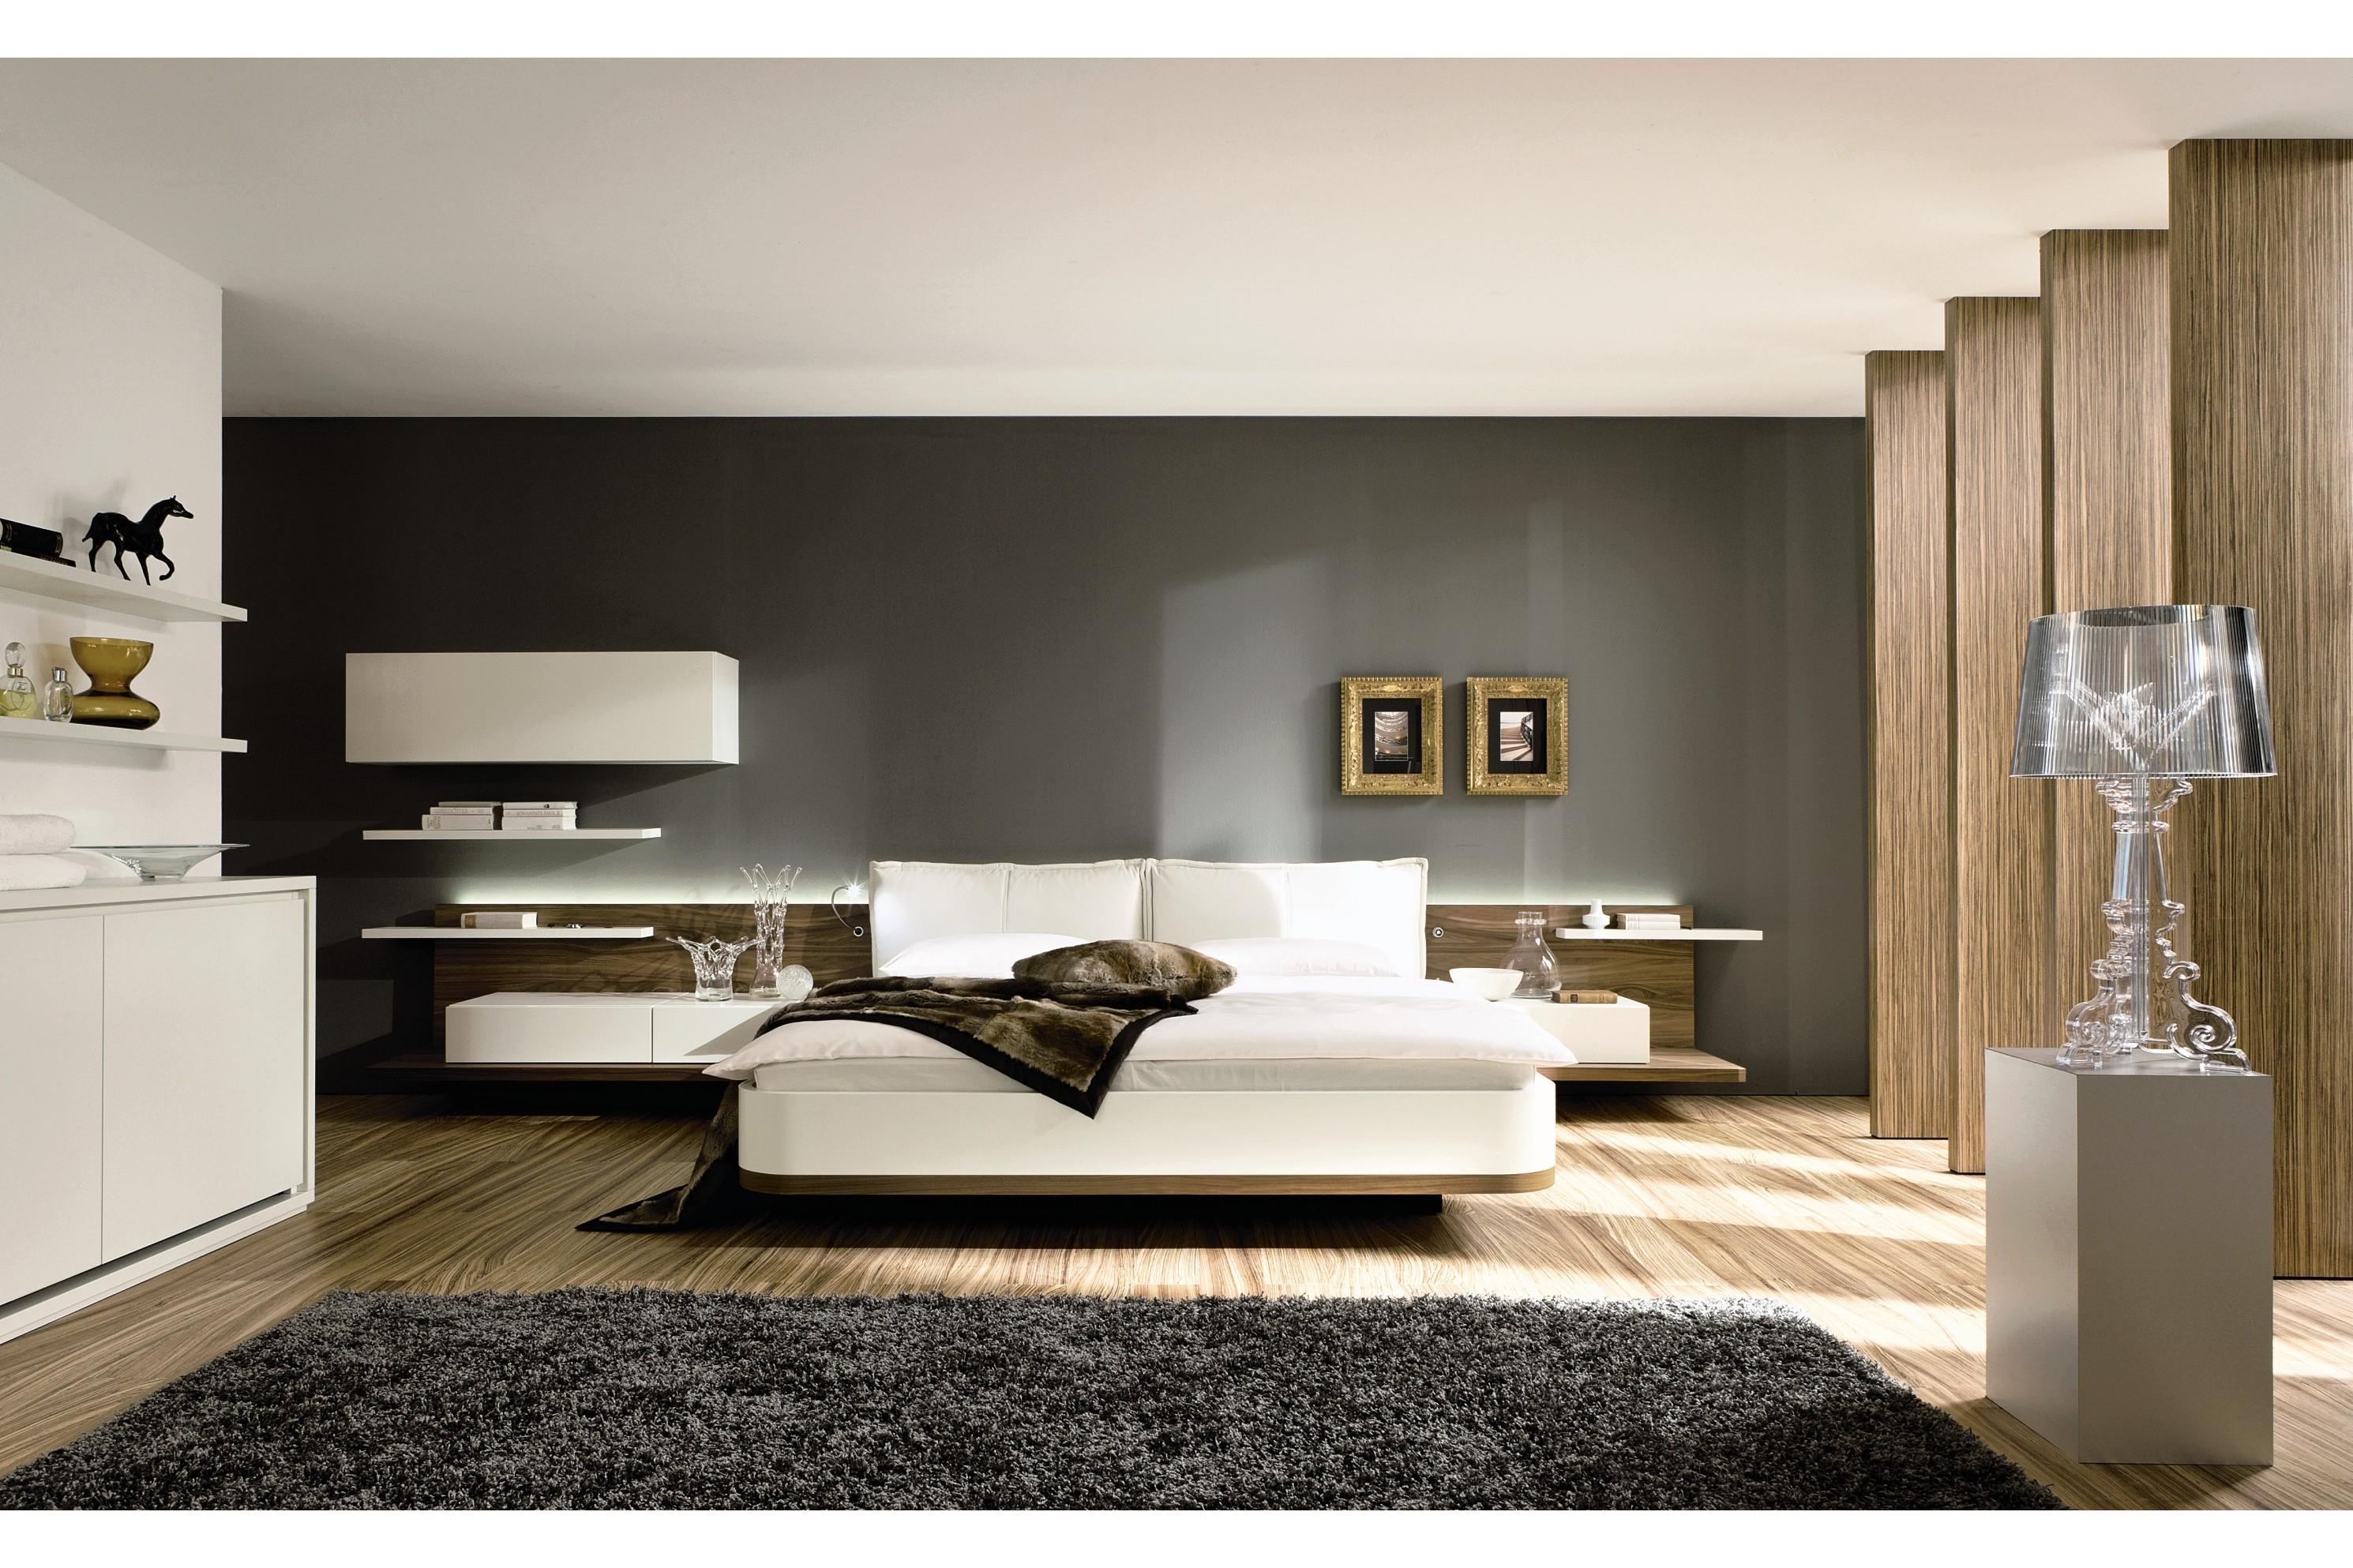 Обустройство спальни в восточном стиле